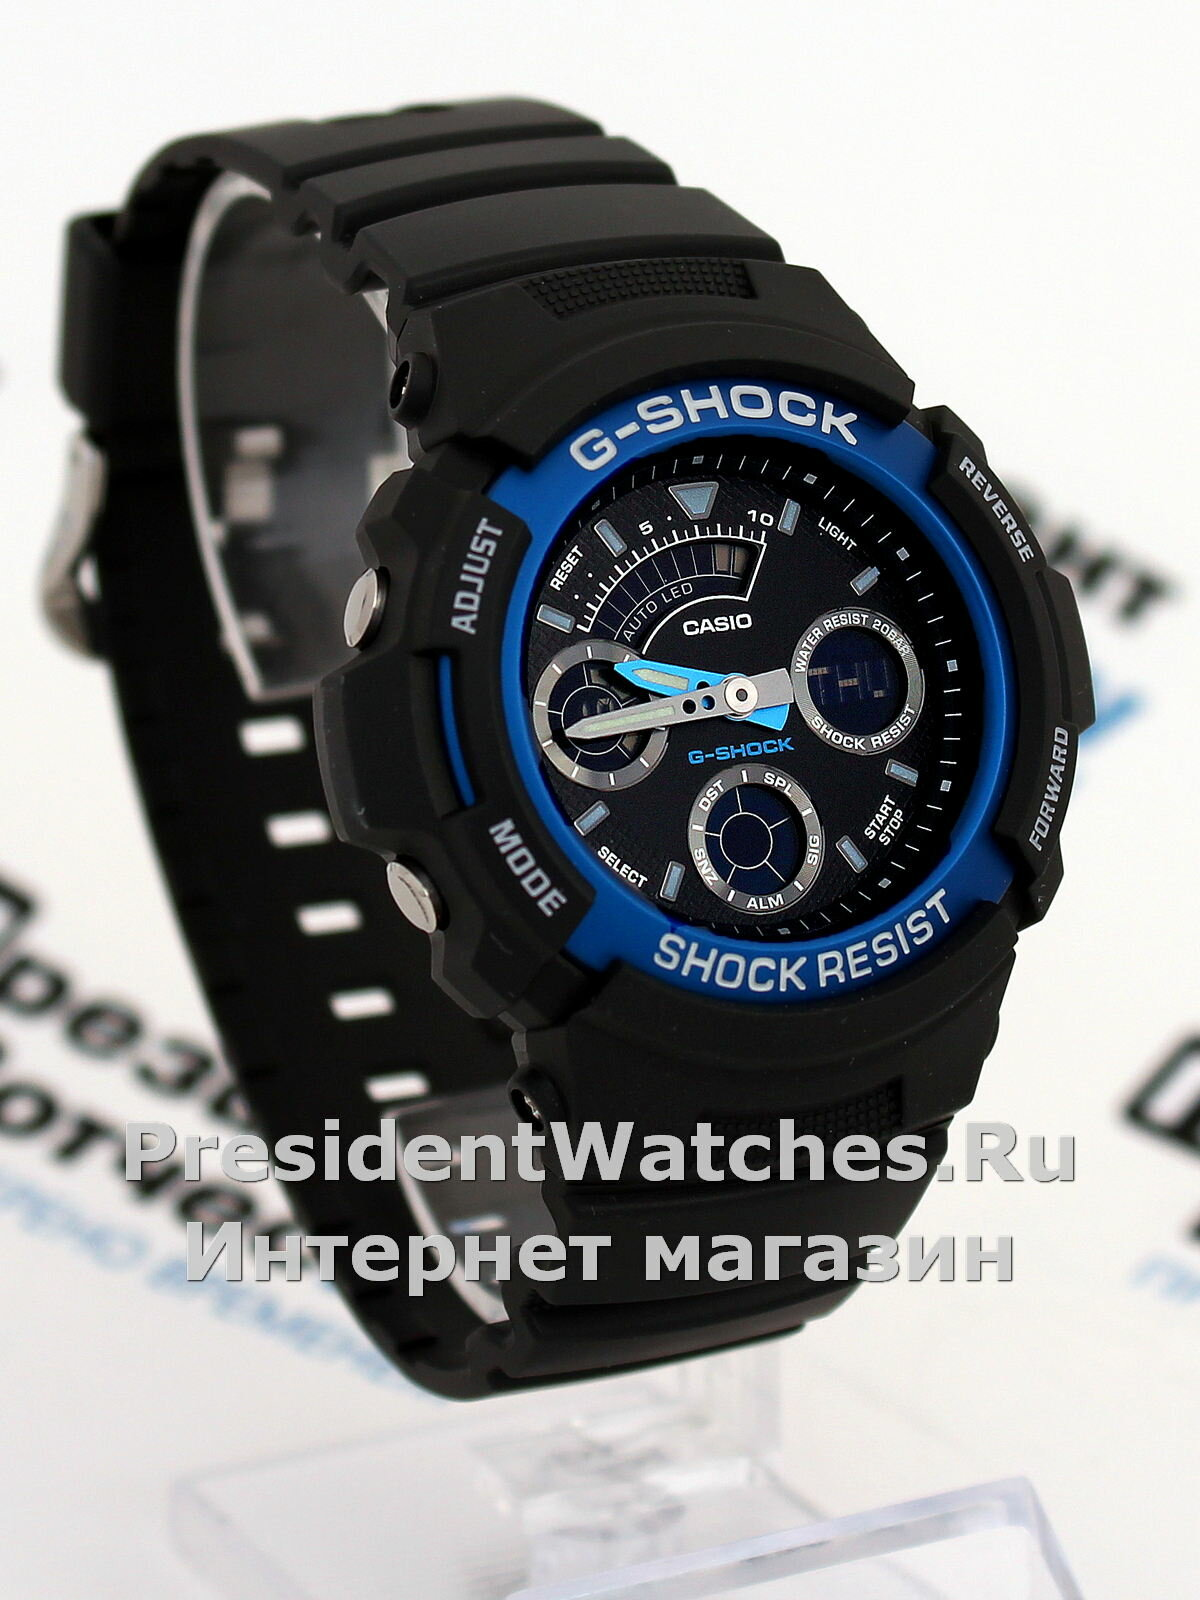 Мужские наручные часы Casio G-SHOCK AW-591-2A [AW-591-2AER]